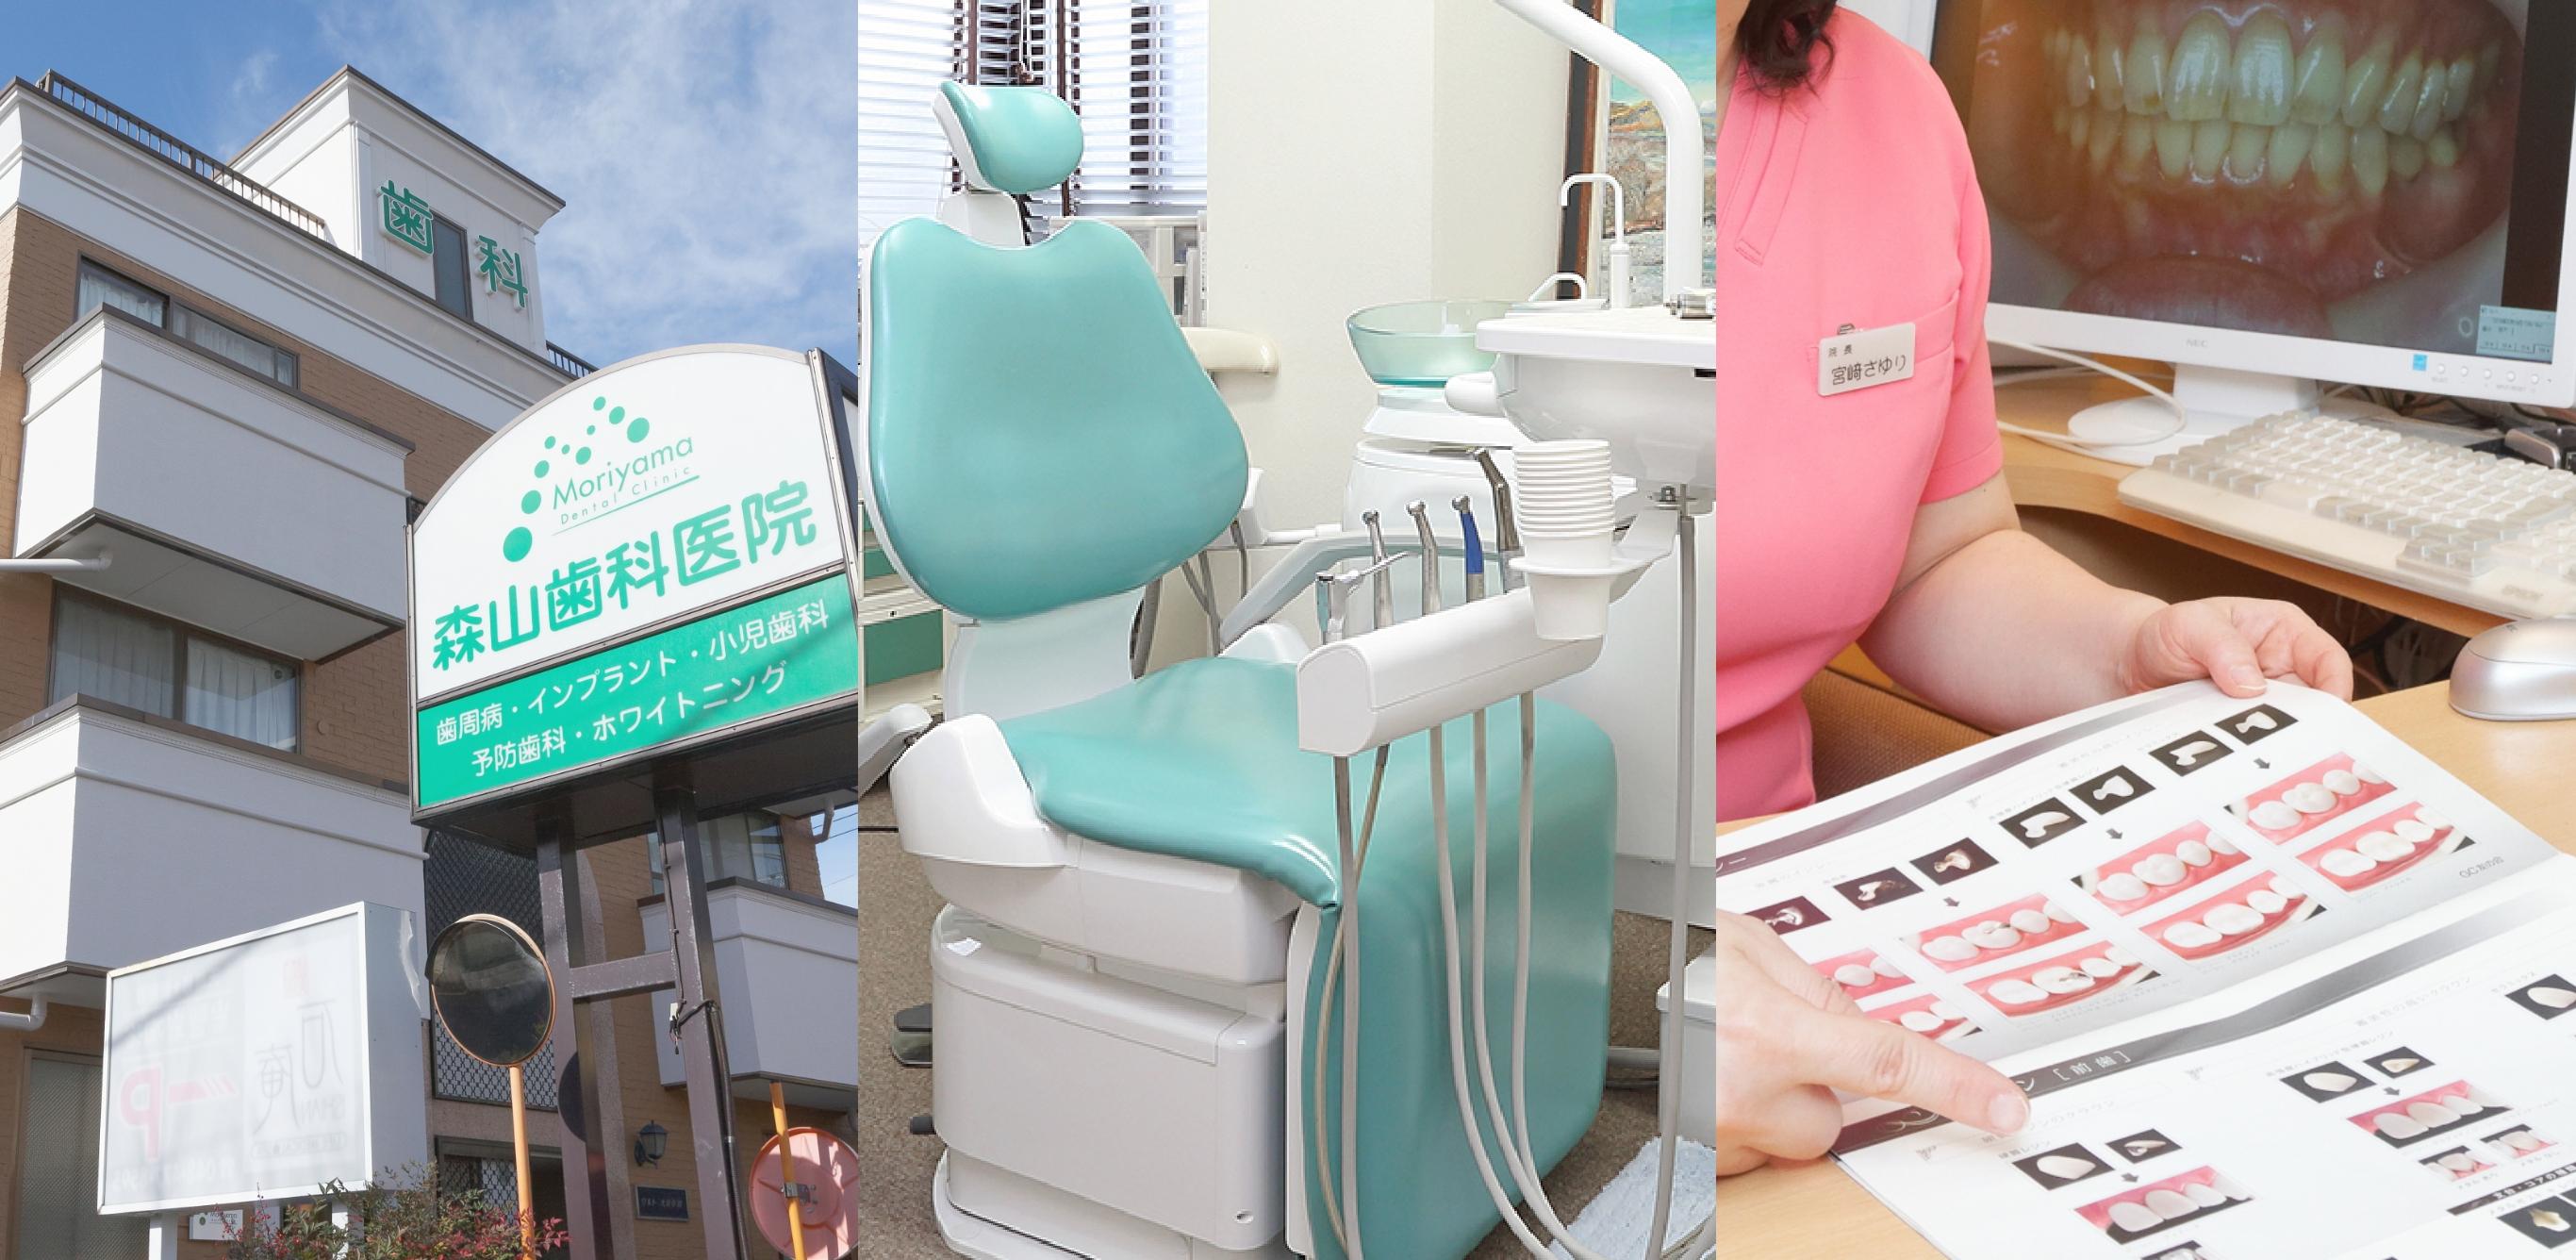 「歯医者はこわい」と思っていませんか?